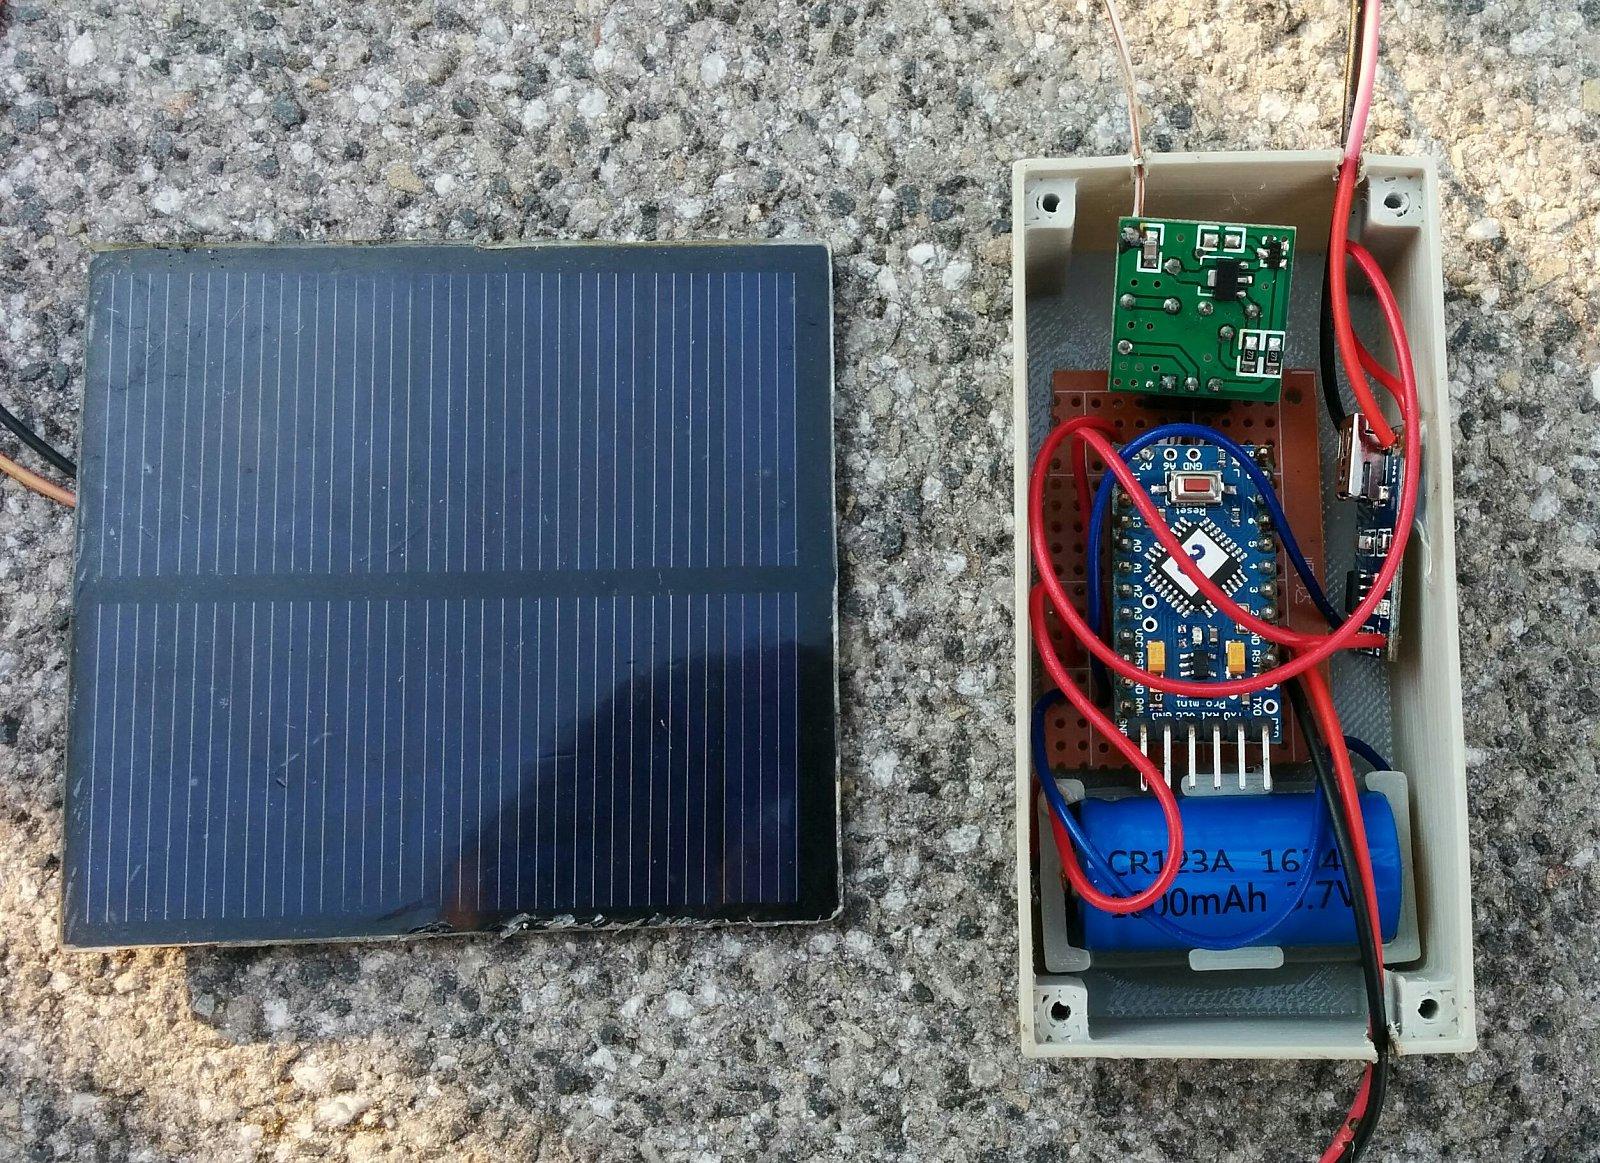 Solární panel a vysílač